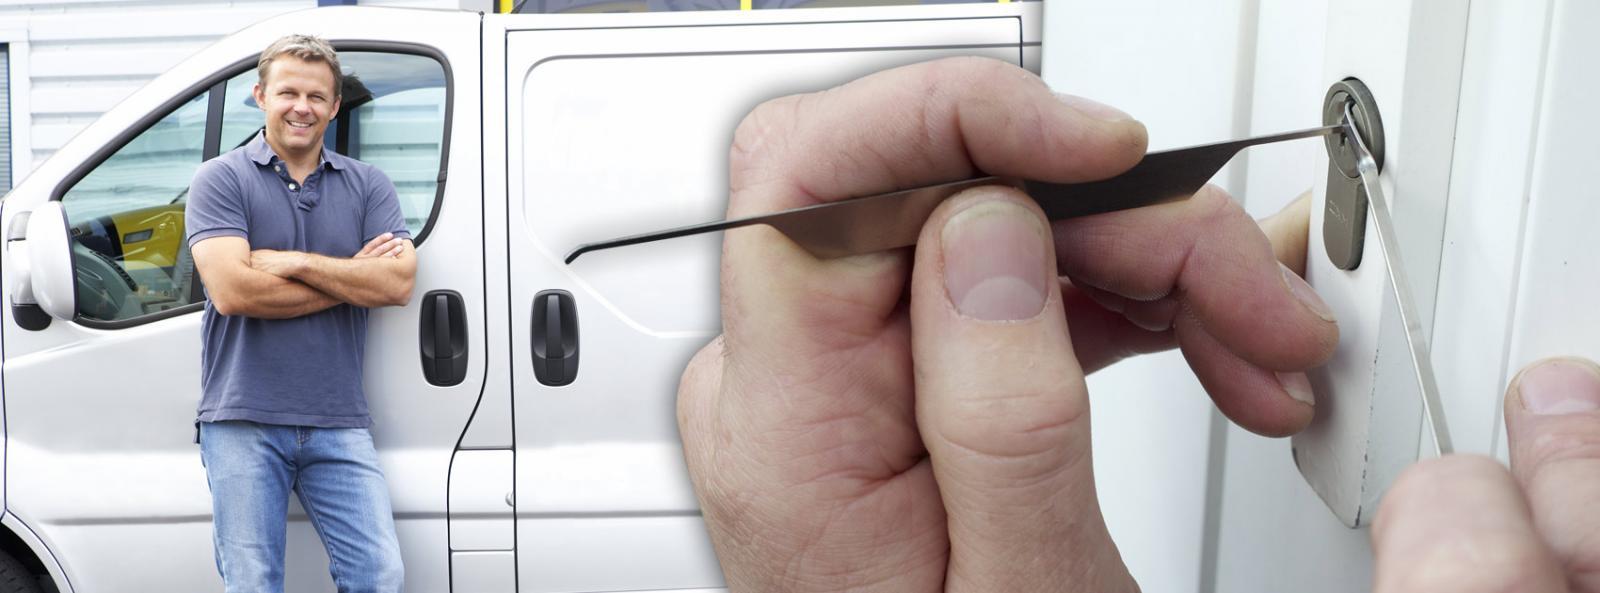 Smart Locksmiths